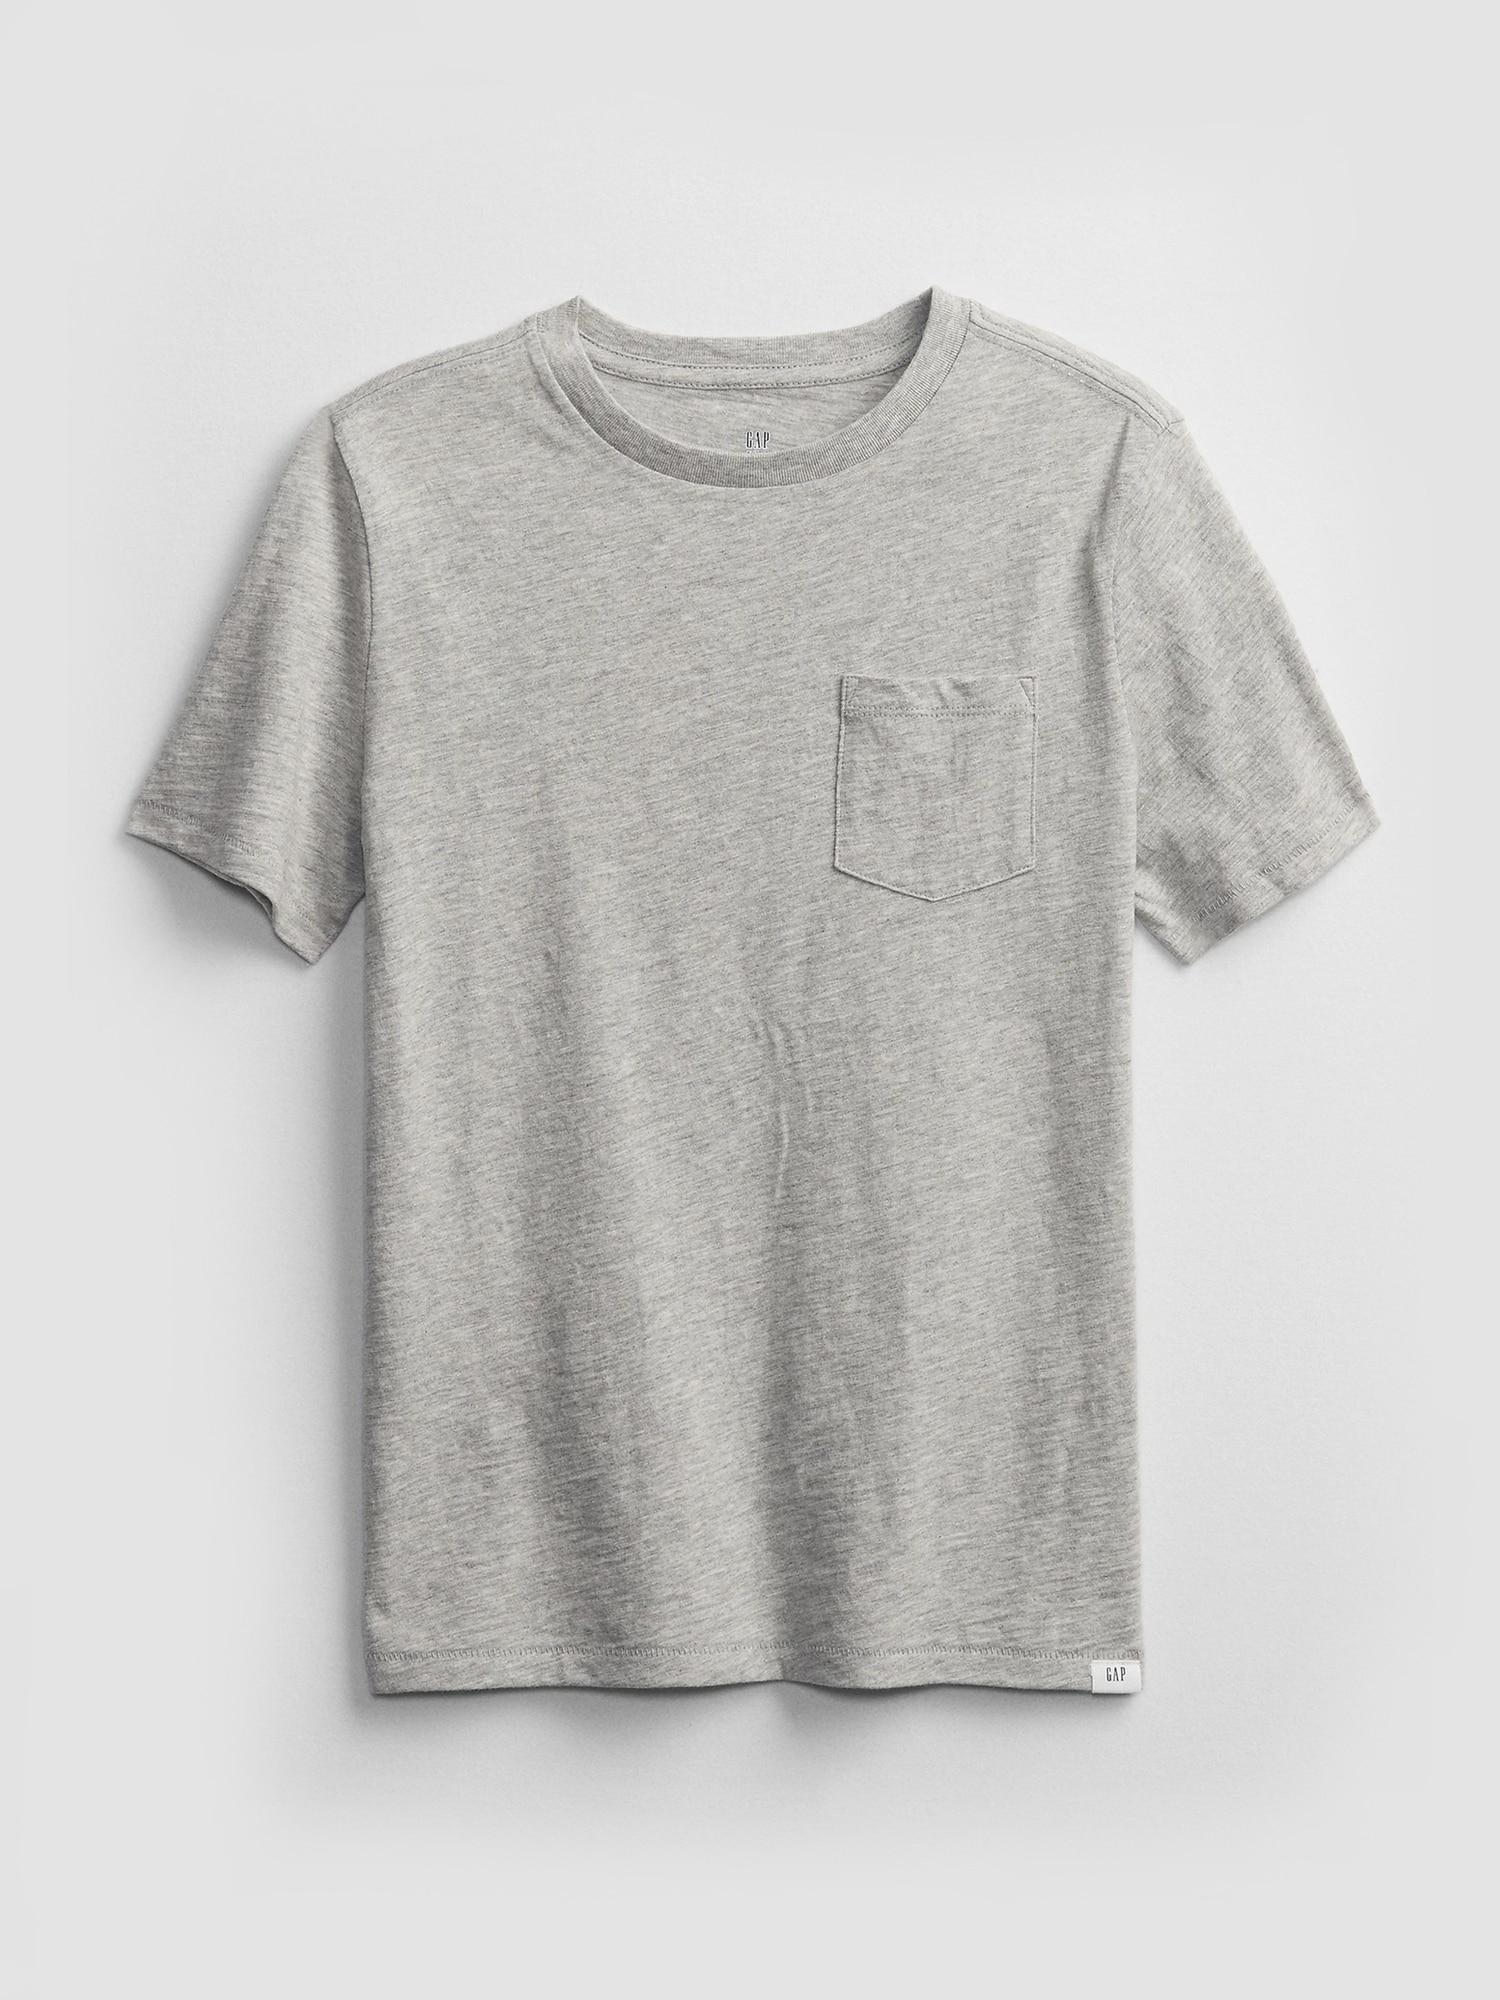 ポケットtシャツ (キッズ)